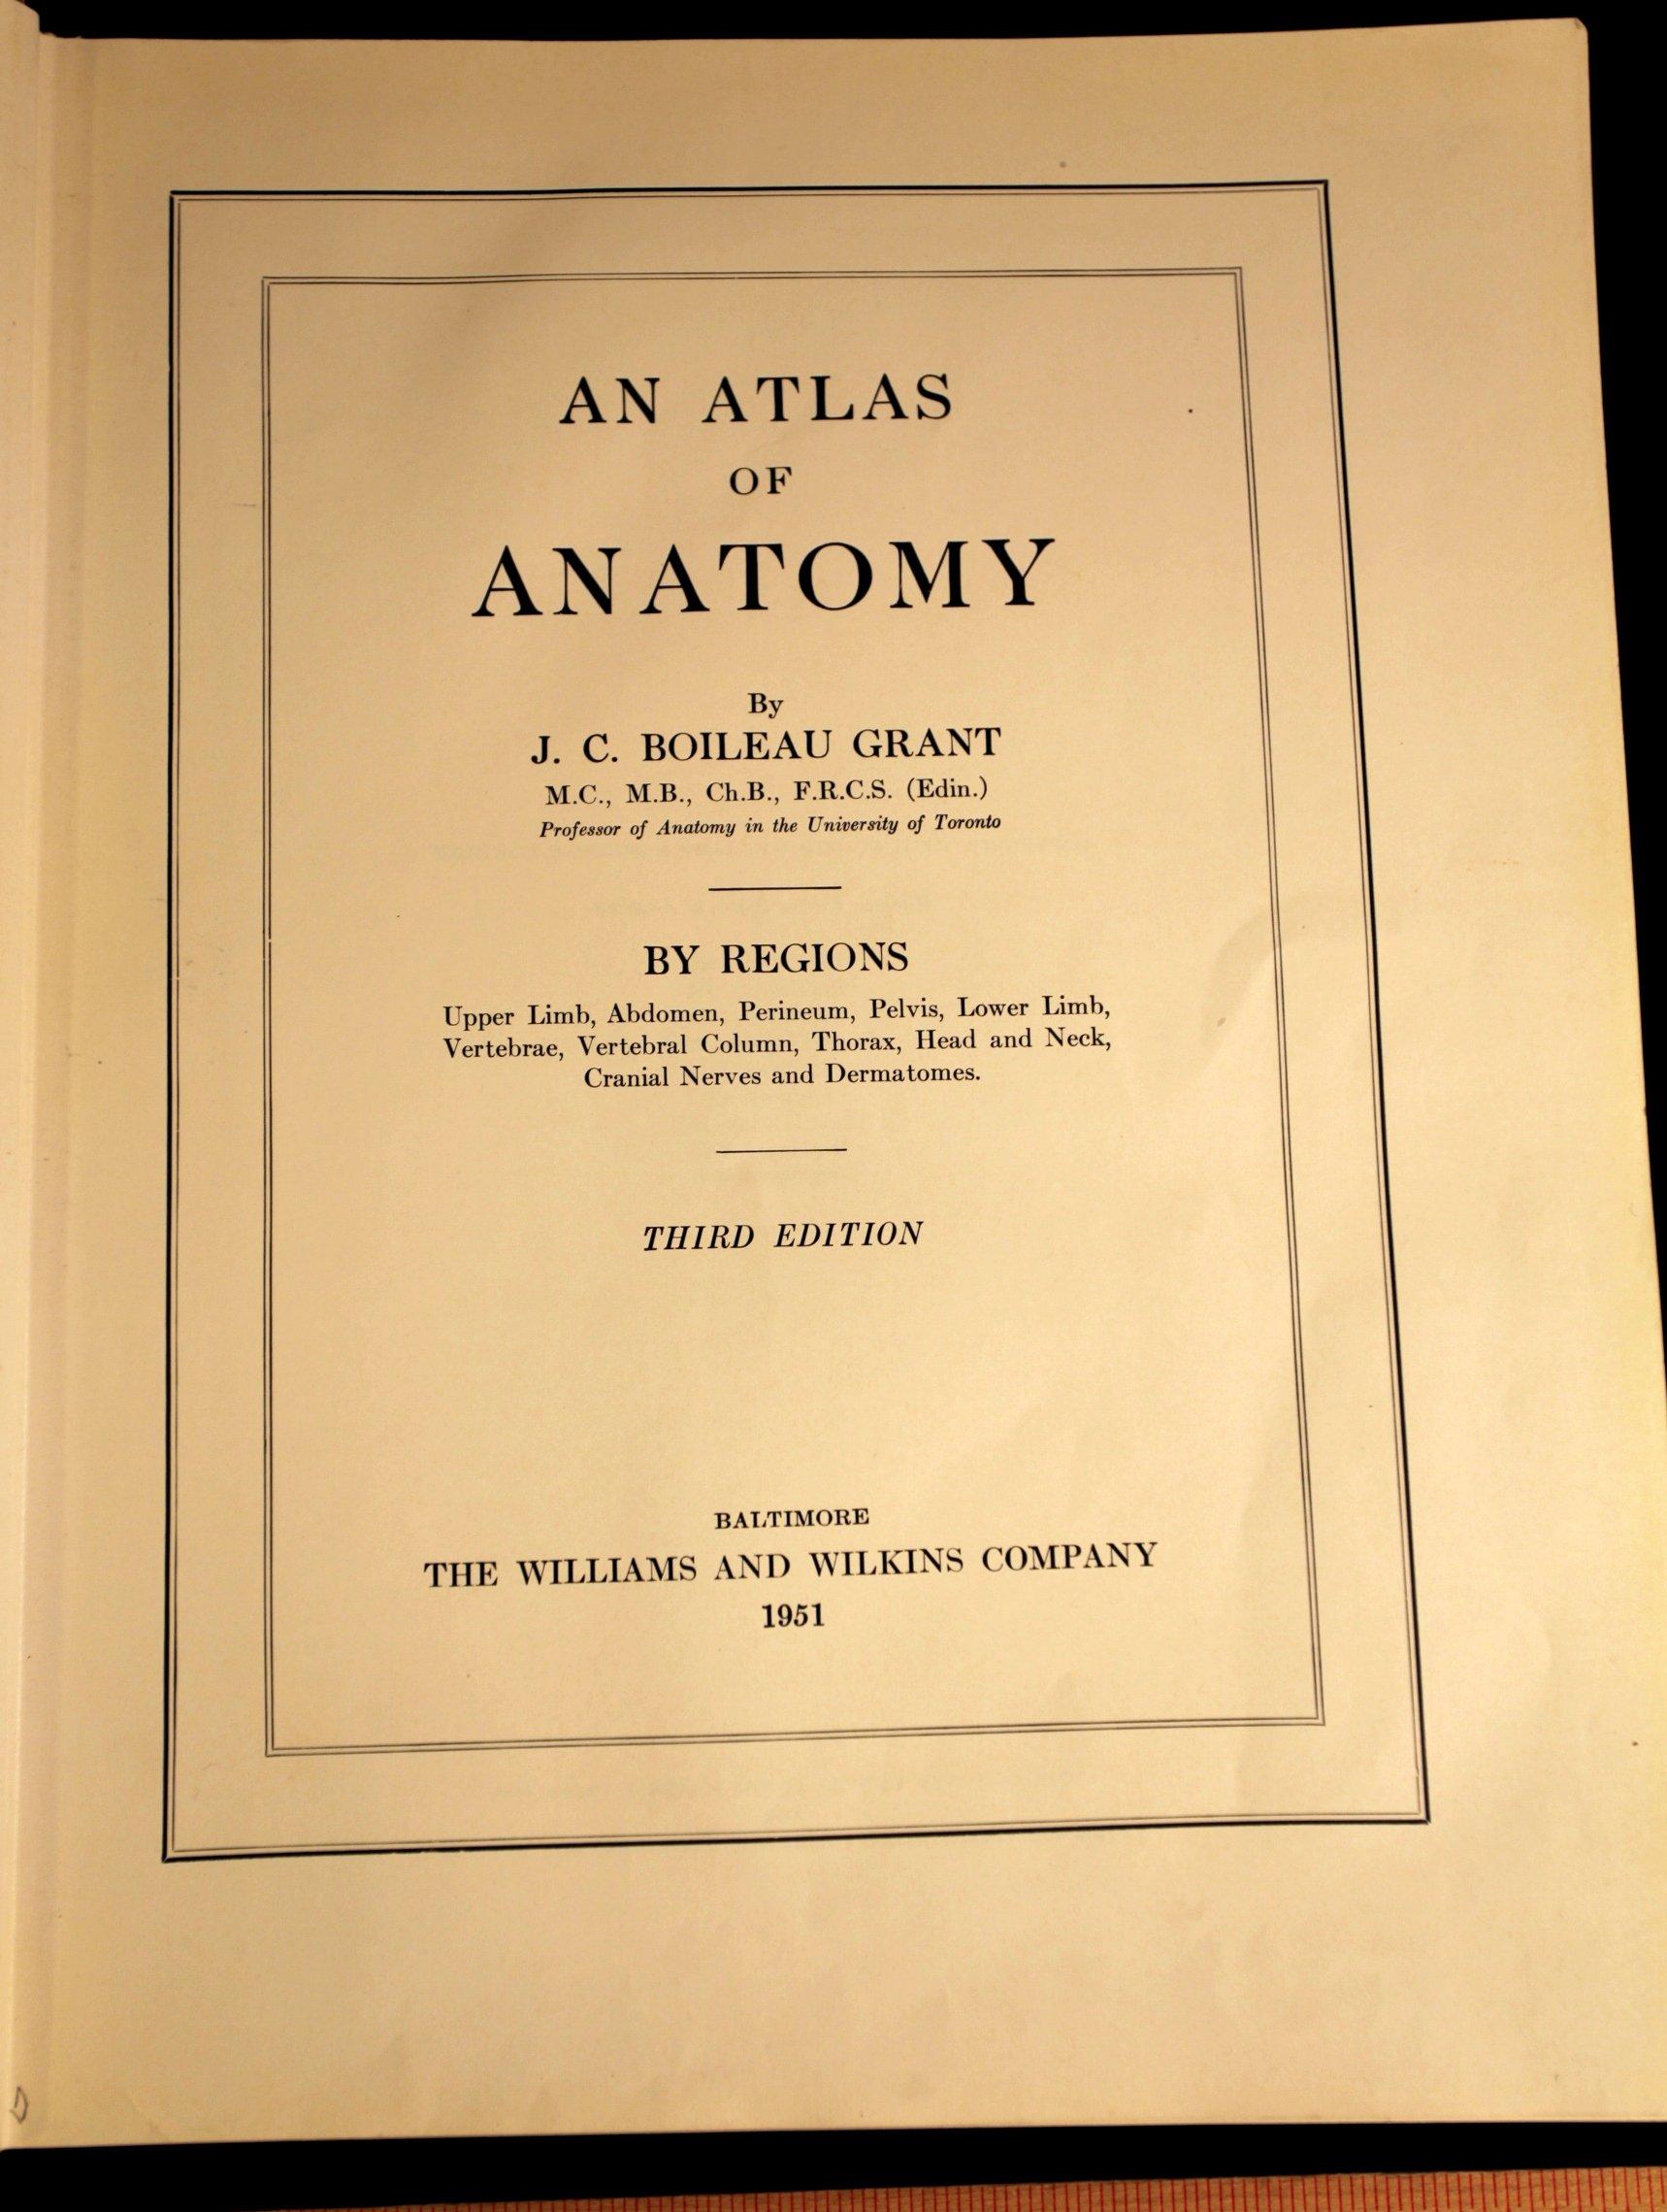 ATLAS DER ANATOMIE DES MENSCHEN Bd. 1: Amazon.de: Netter: Bücher